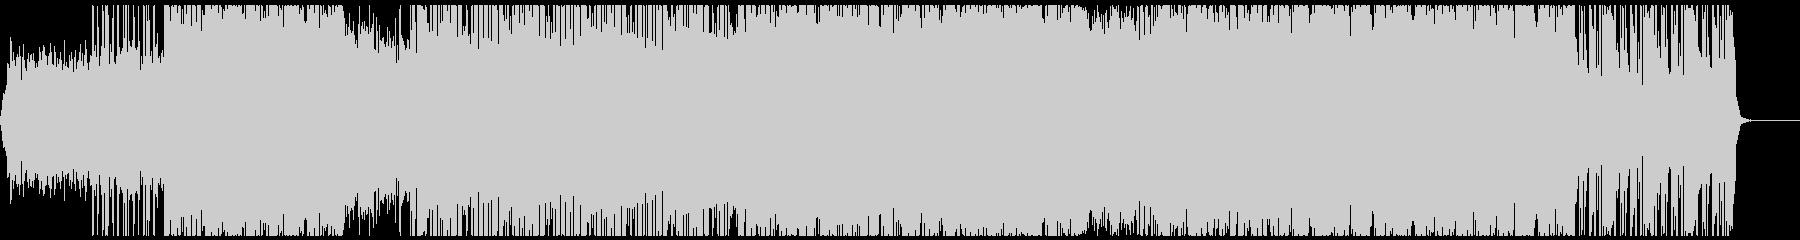 スペーシーなシンセ曲の未再生の波形